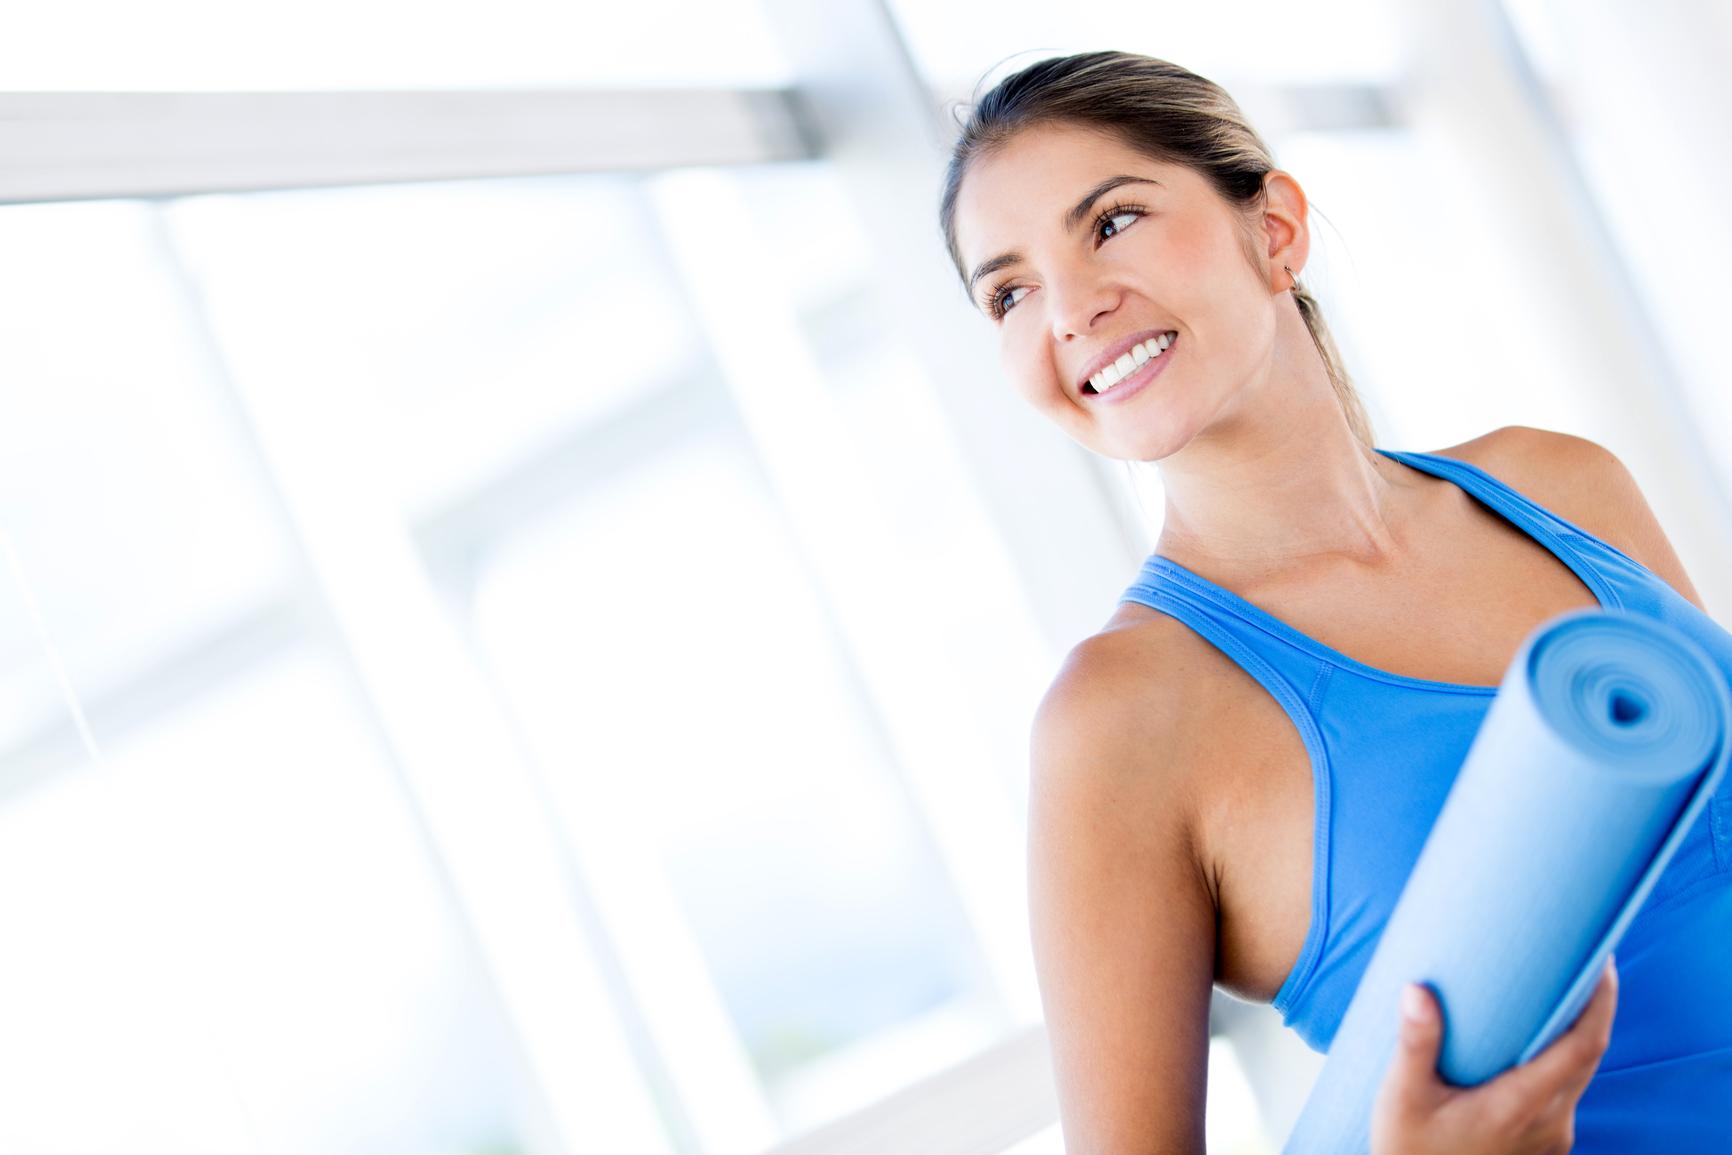 Как похудеть на 5 кг за месяц  Реальные советы меню без